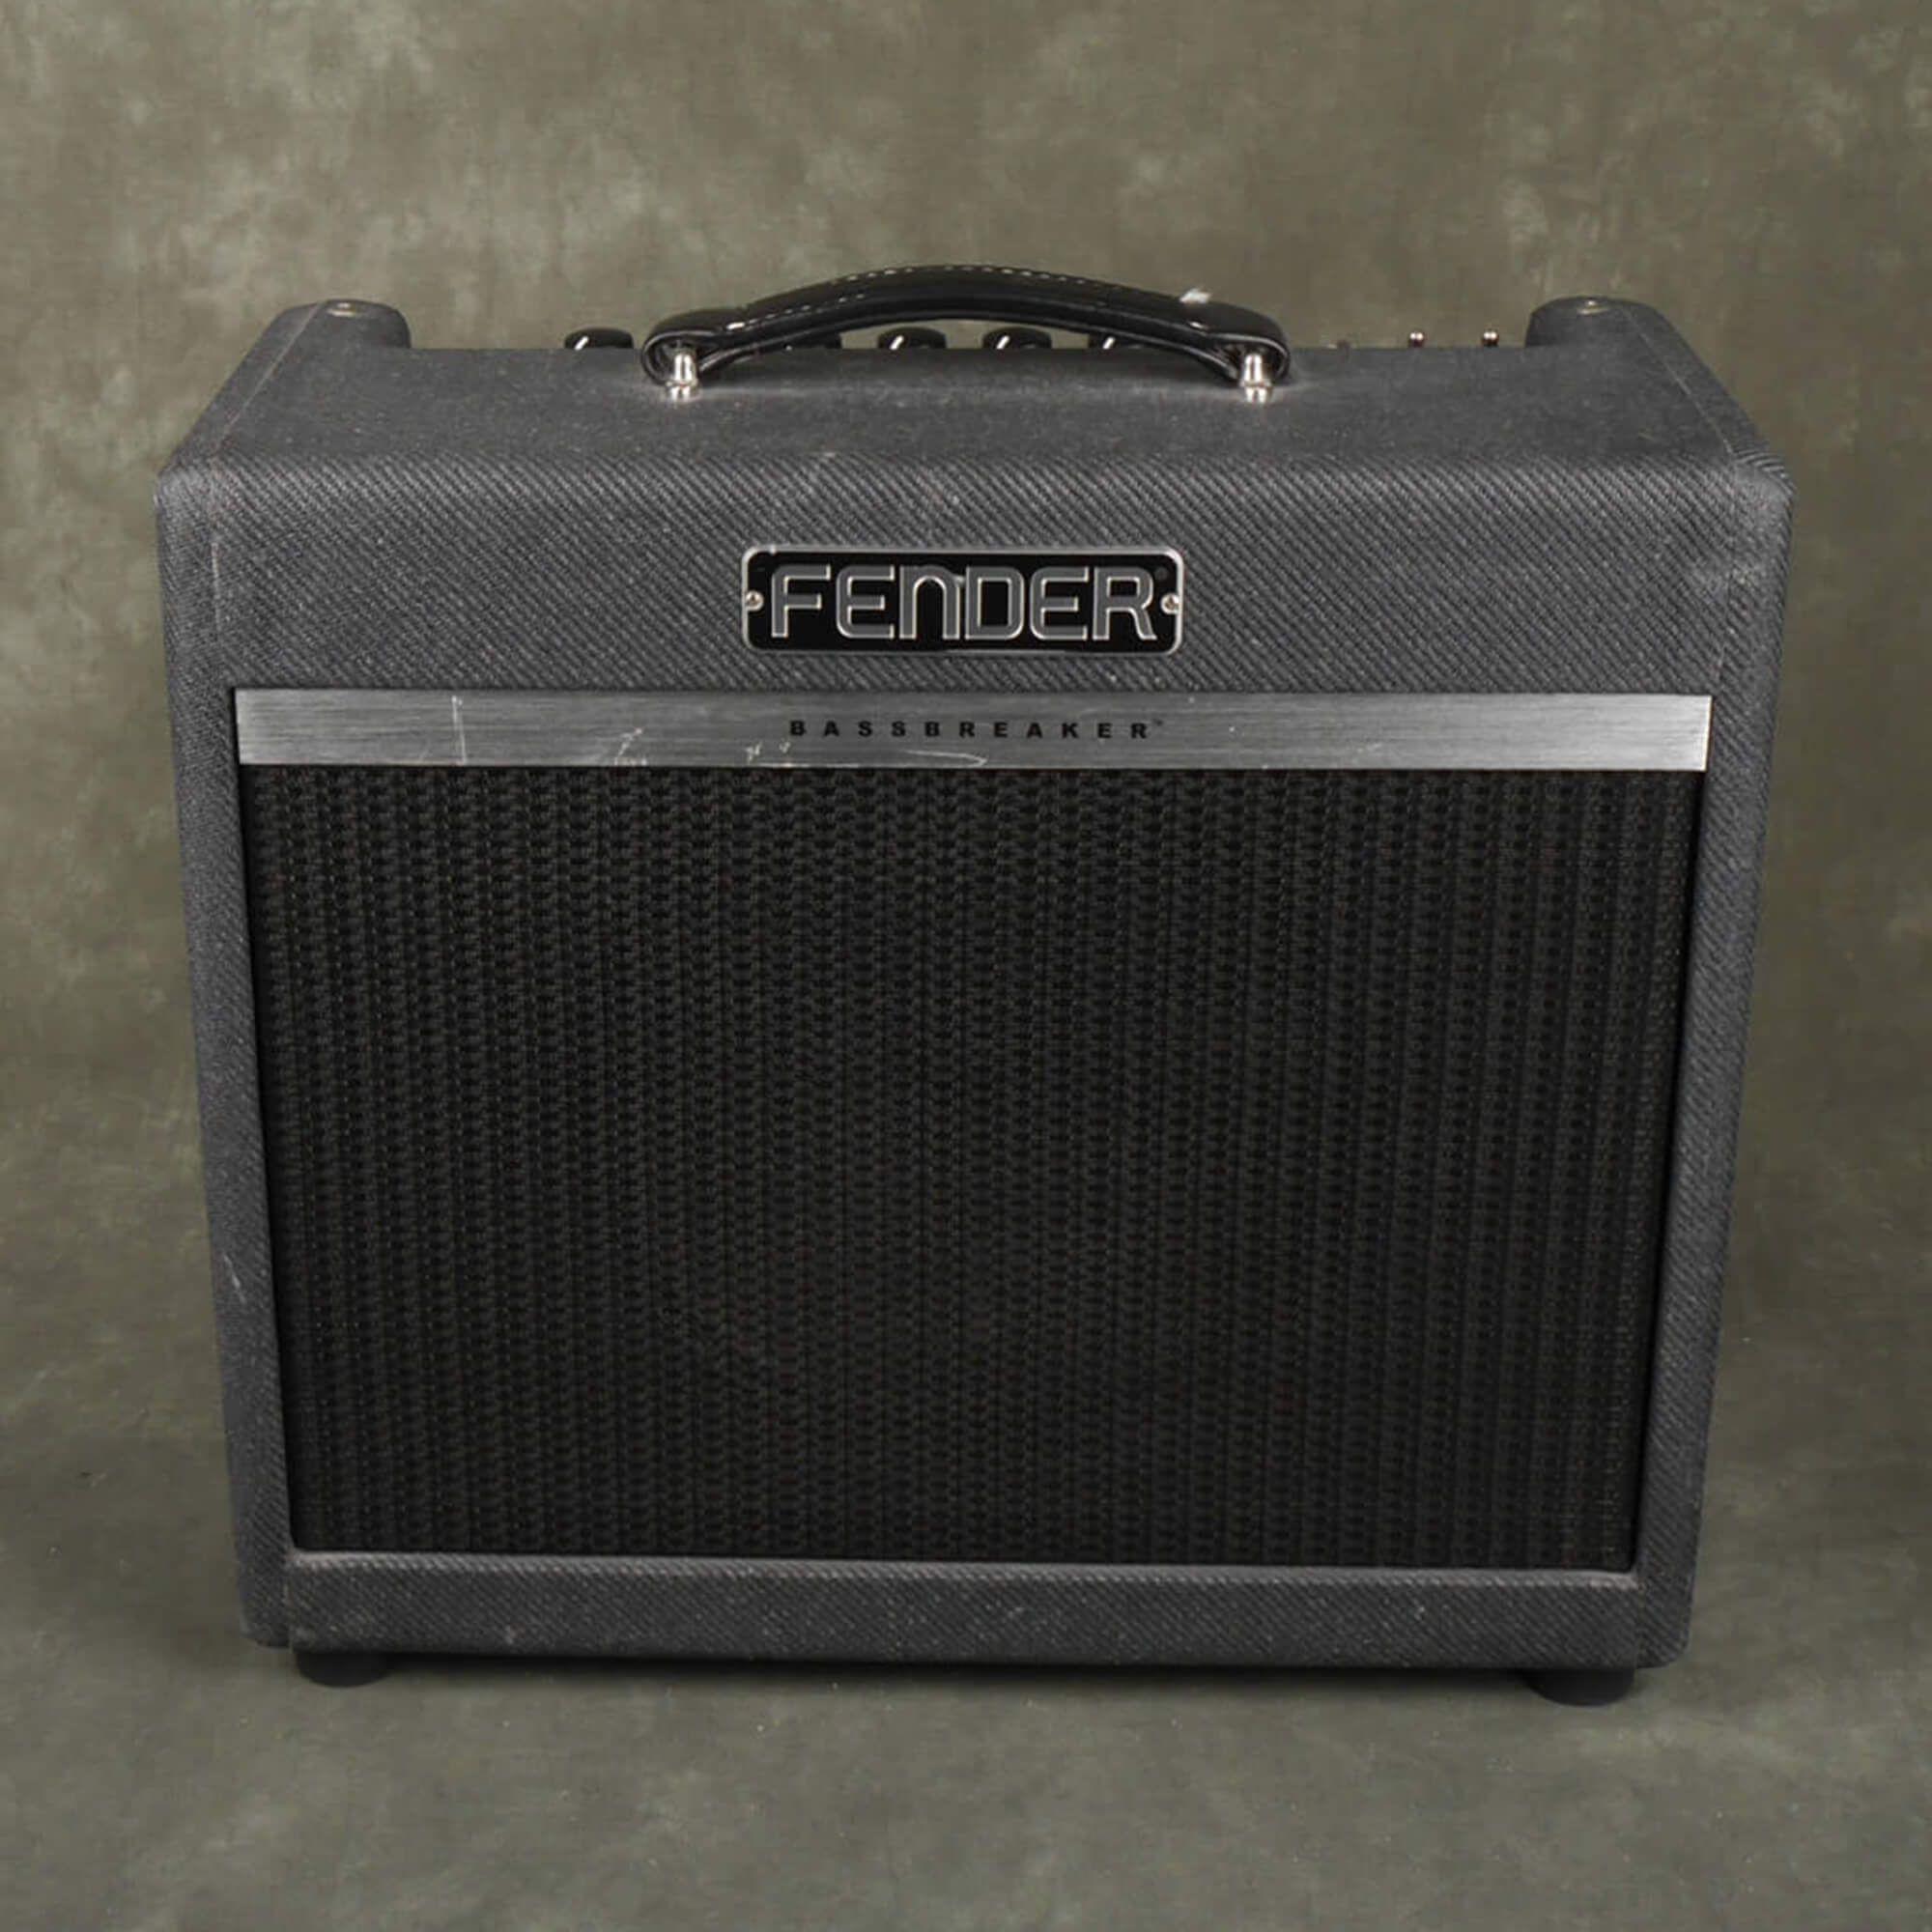 Fender Bassbreaker 15 Combo Amp - 2nd Hand **UK SHIPPING ONLY**